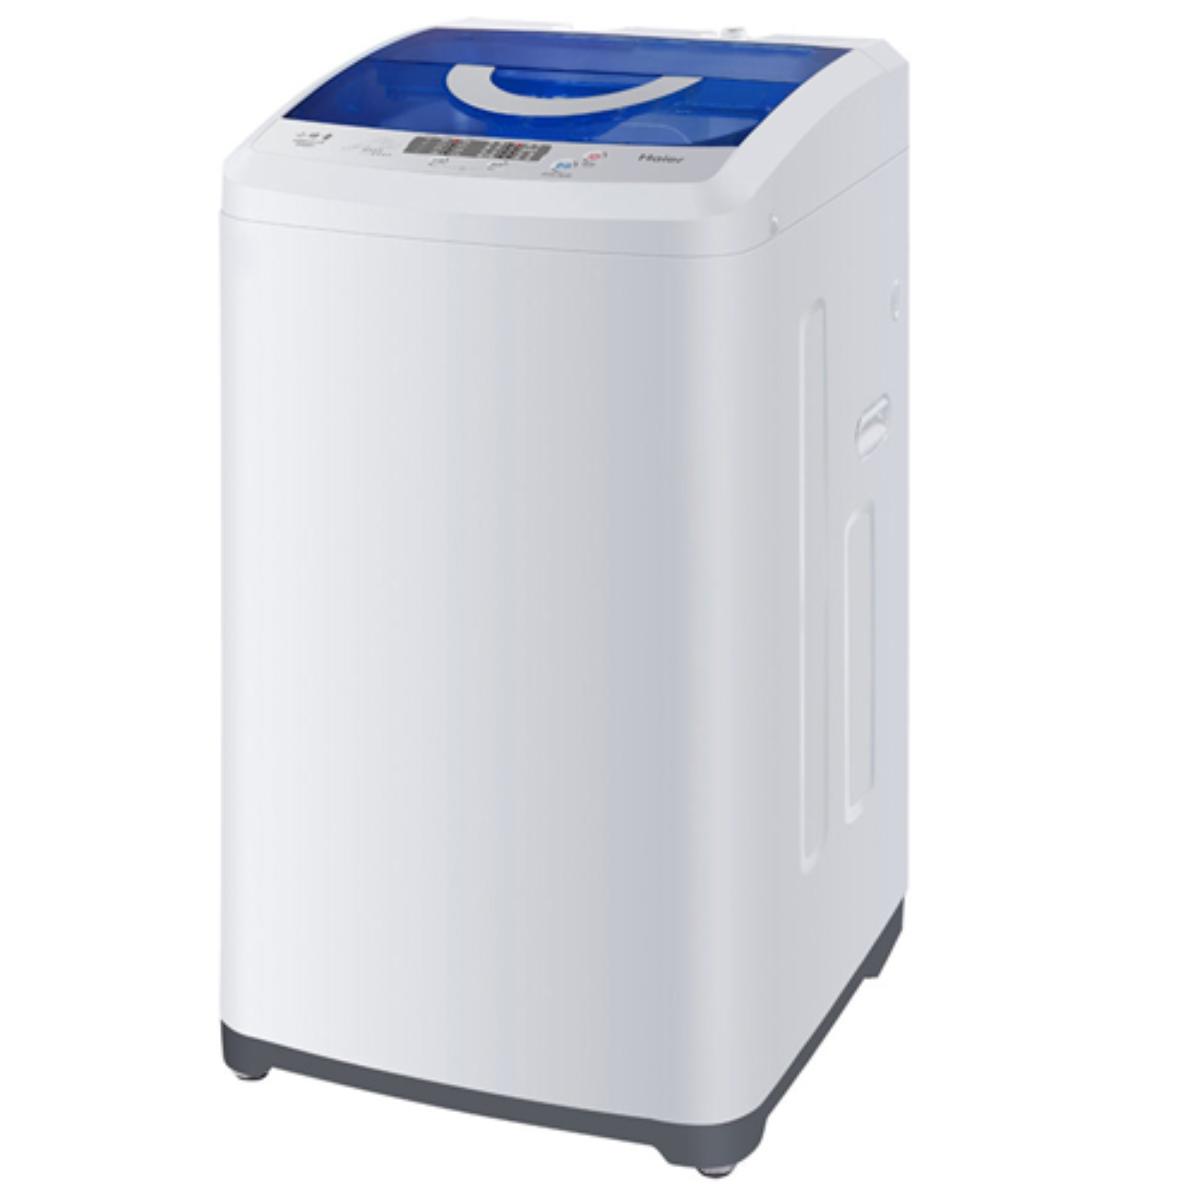 规格参数 类型 波轮洗衣机 系列 海尔全自动搓板式系列 洗涤容量(kg)